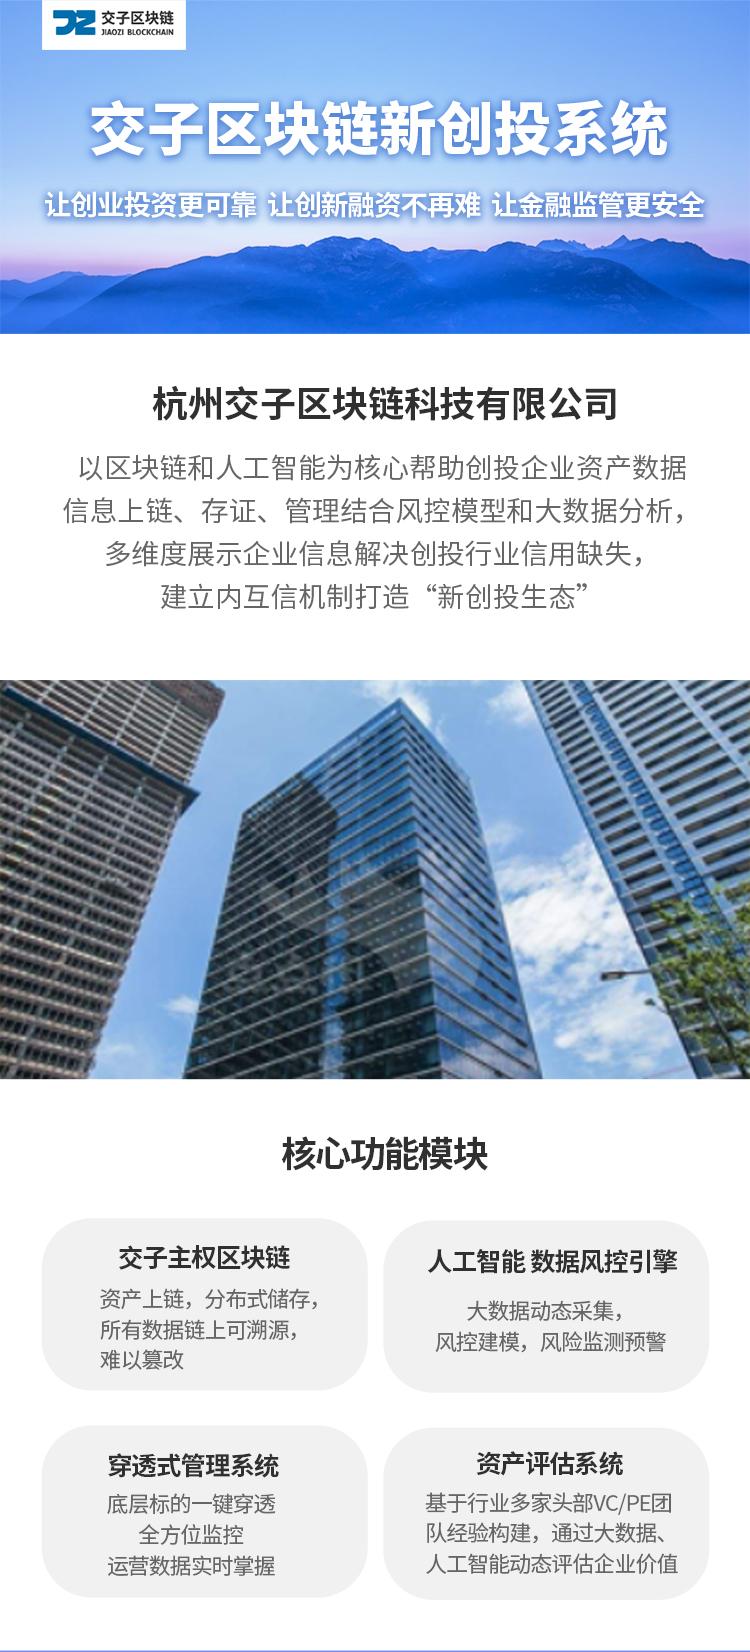 新奇特加盟-让创业投资更可靠,让创新融资不再难,让金融监管更安全-找加盟就上小宝招商